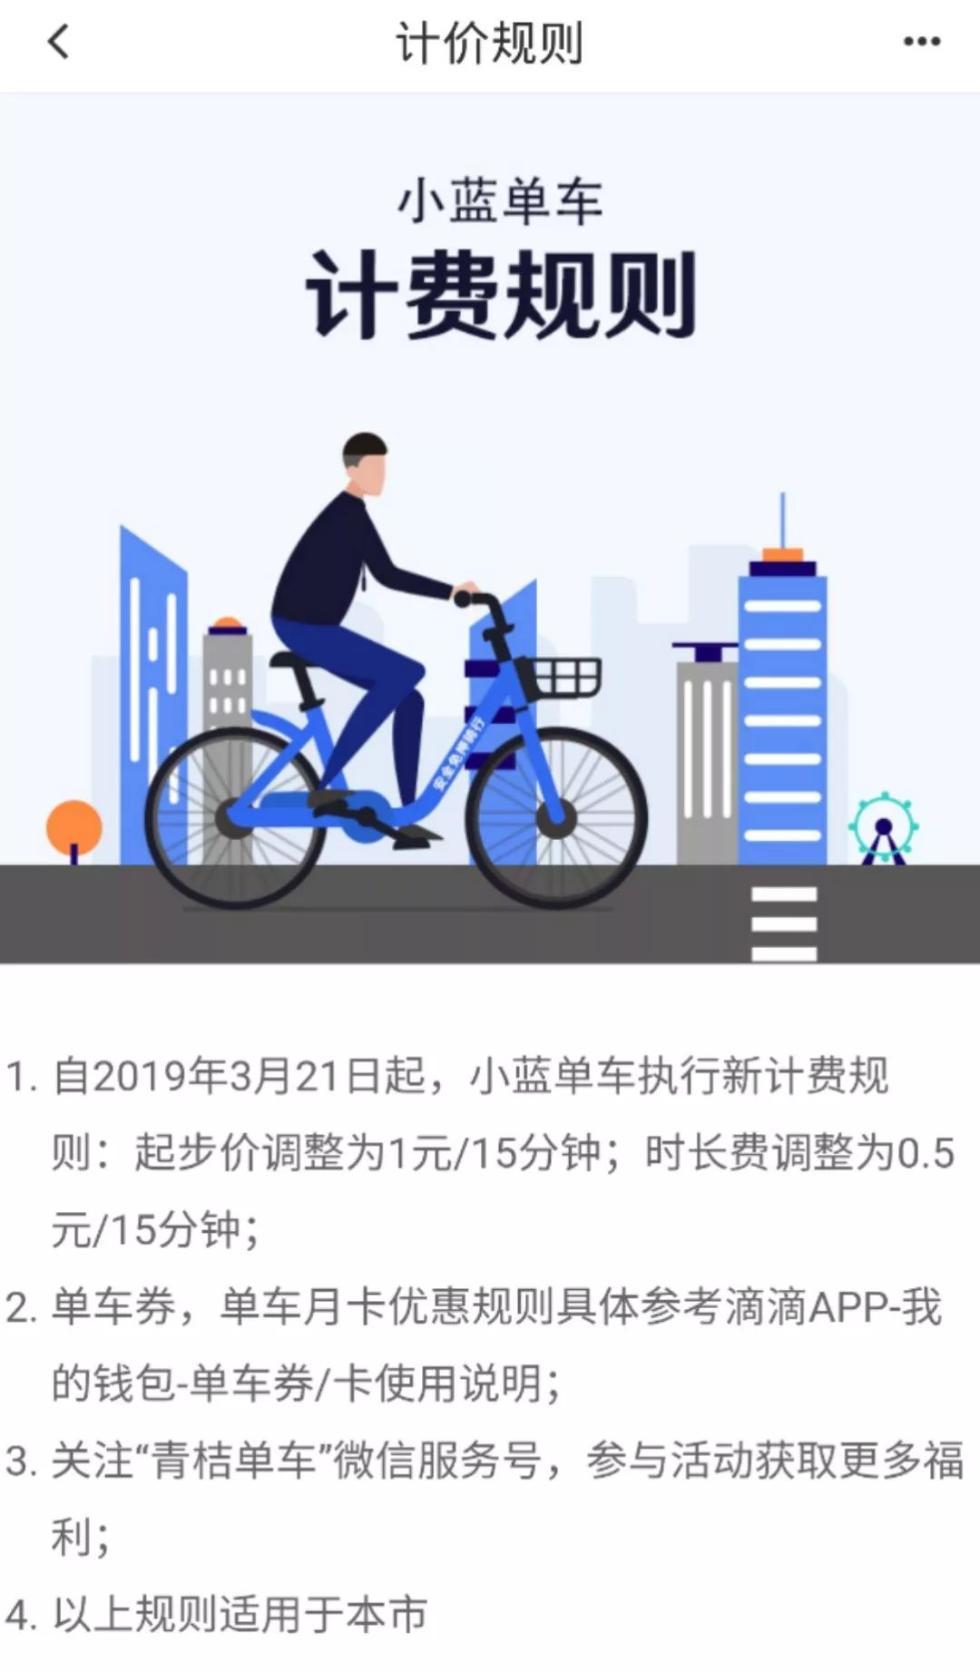 小藍單車漲價詳細新聞介紹?小藍單車為什么漲價貴了多少?